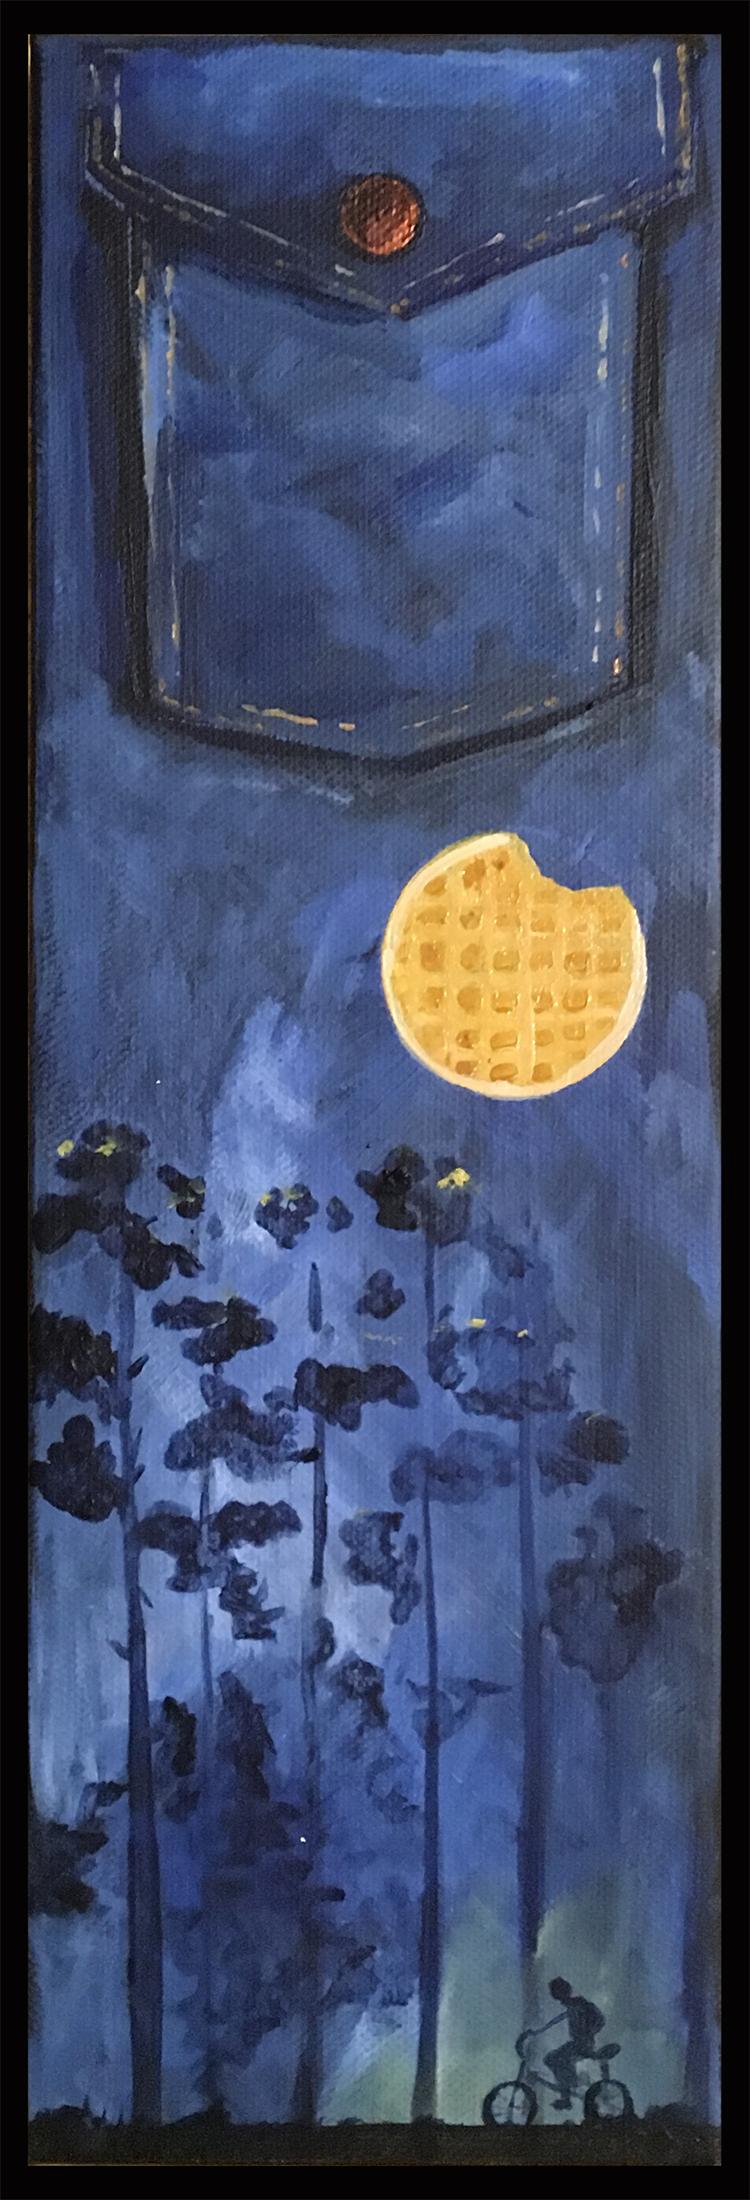 The Walffling Moonlight